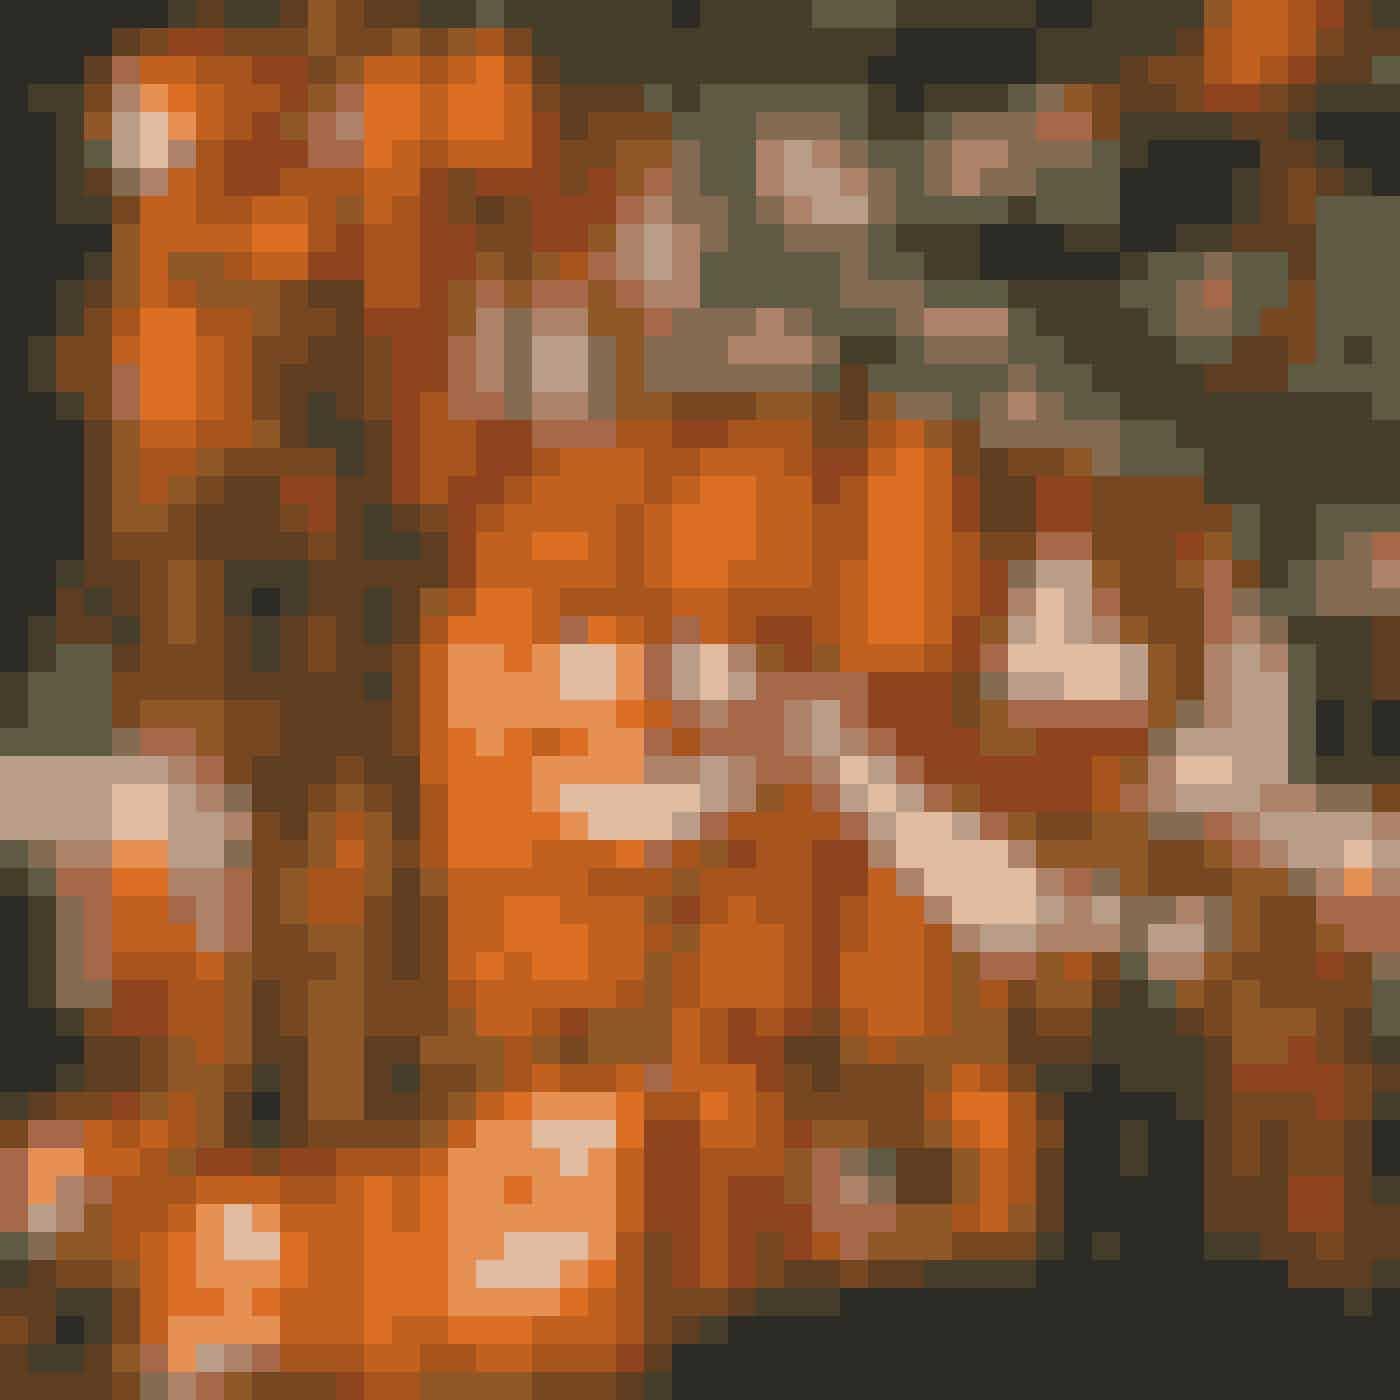 """I Tivoli Friheden Halloween er blevet mere og mere populært blandt danske børn, og hvis familieudflugten dette efterår skal gå til en forlystelsespark, bliver Tivoli Friheden midt i Aarhus fyldt med gys og gru i oktober. Behårede edderkopper, grufulde monstre, talende skeletter, hvinende spøgelser og alverdens mystiske væsner og genfærd gemmer sig i parken, hvor udklædte statister også sørger for uhyggen blandt de mange forlystelser. Børnene kan skære græskar, lave deres egen """"De dødes dag""""-maske og blive ansigtsmalet som en zombie, og parken har madboder, restauranter og caféer med et stort udvalg af forskellig mad og søde forfriskninger. Halloween, Tivoli Friheden, 8.-24. oktober."""